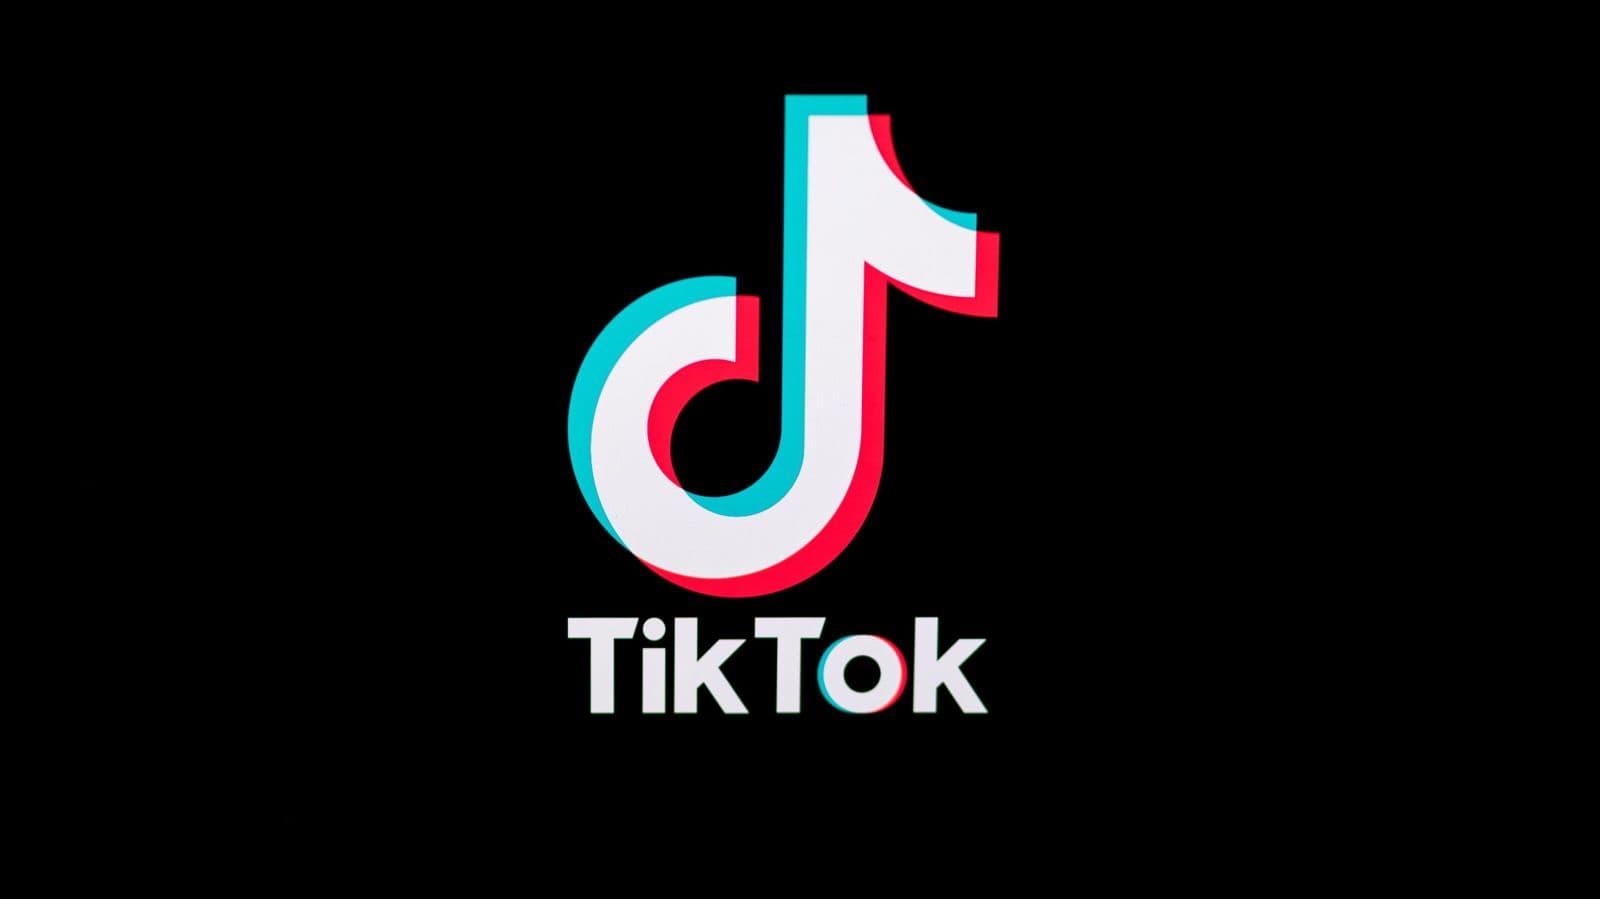 O TikTok é um aplicativo de sucesso mundialmente